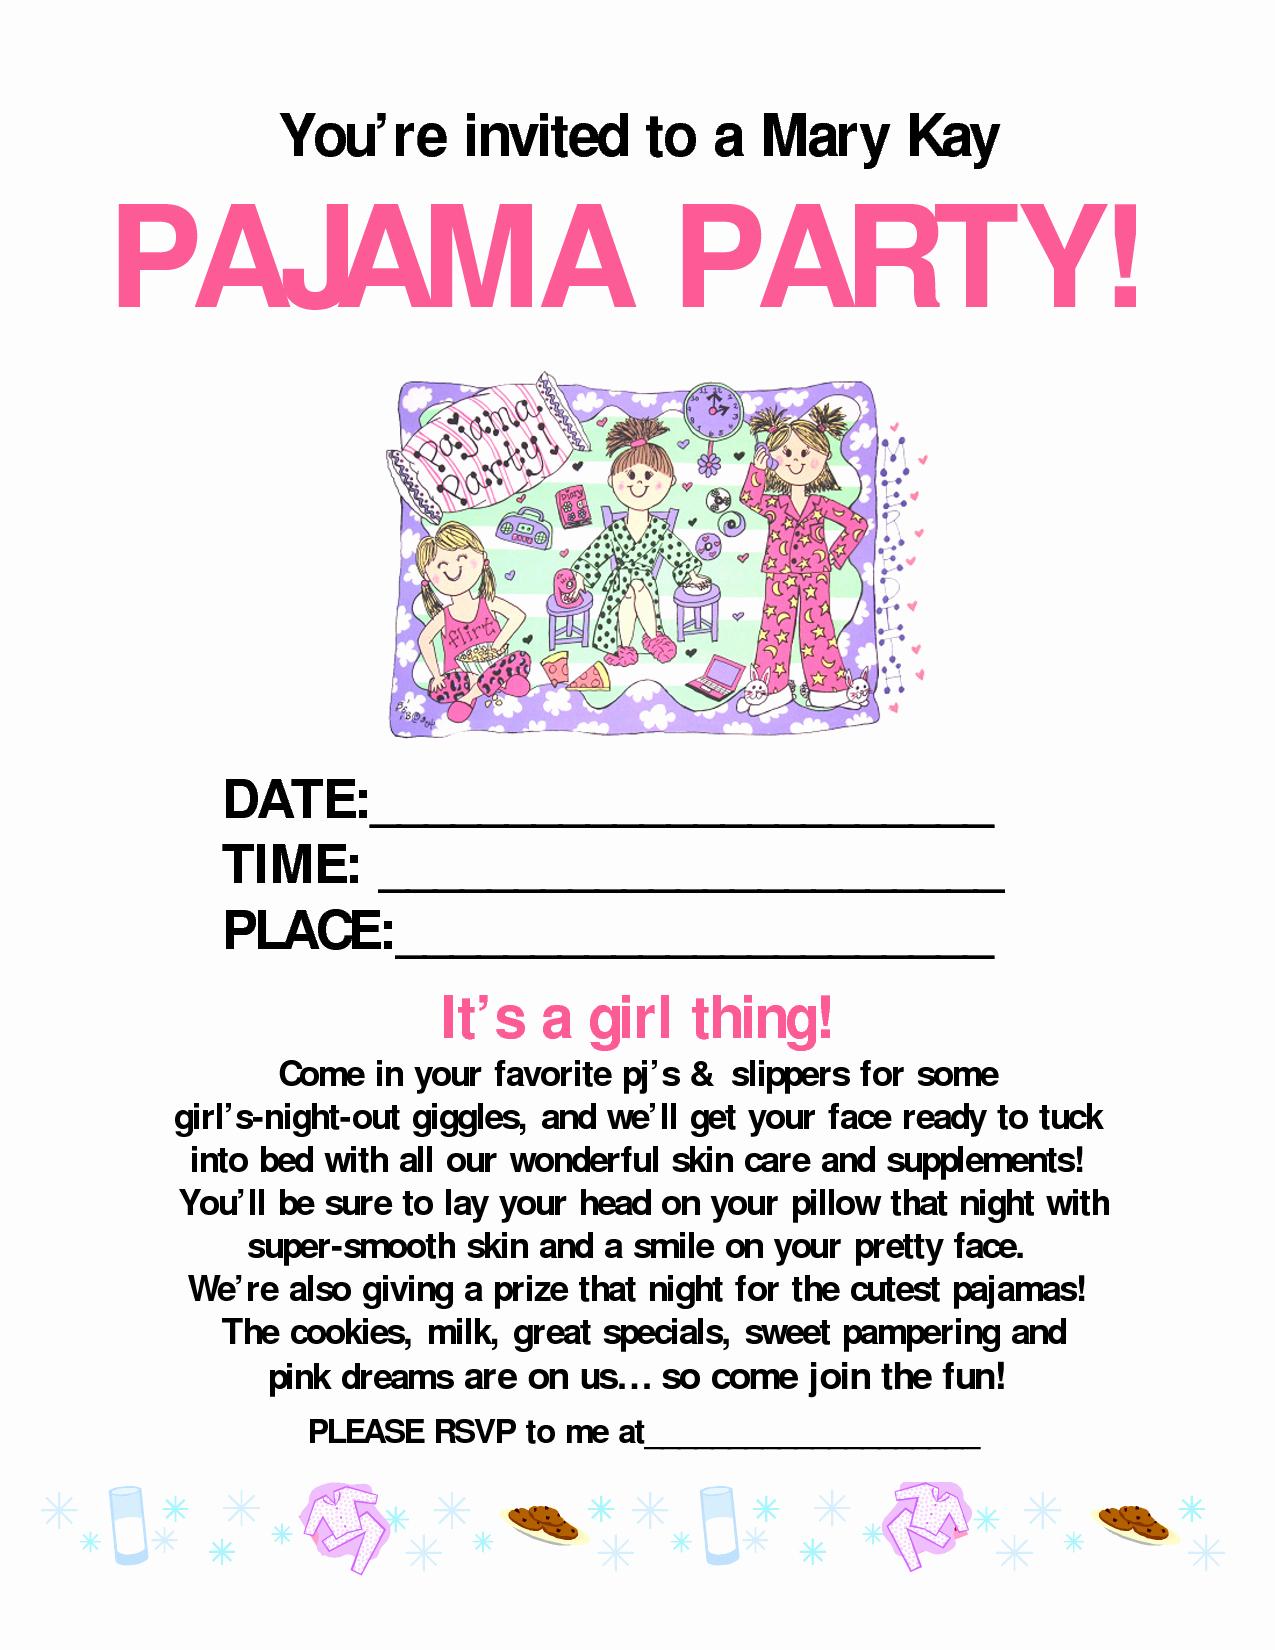 Mary Kay Party Invitation Elegant Pajama Party Mary Kay Mary Kay Pinterest